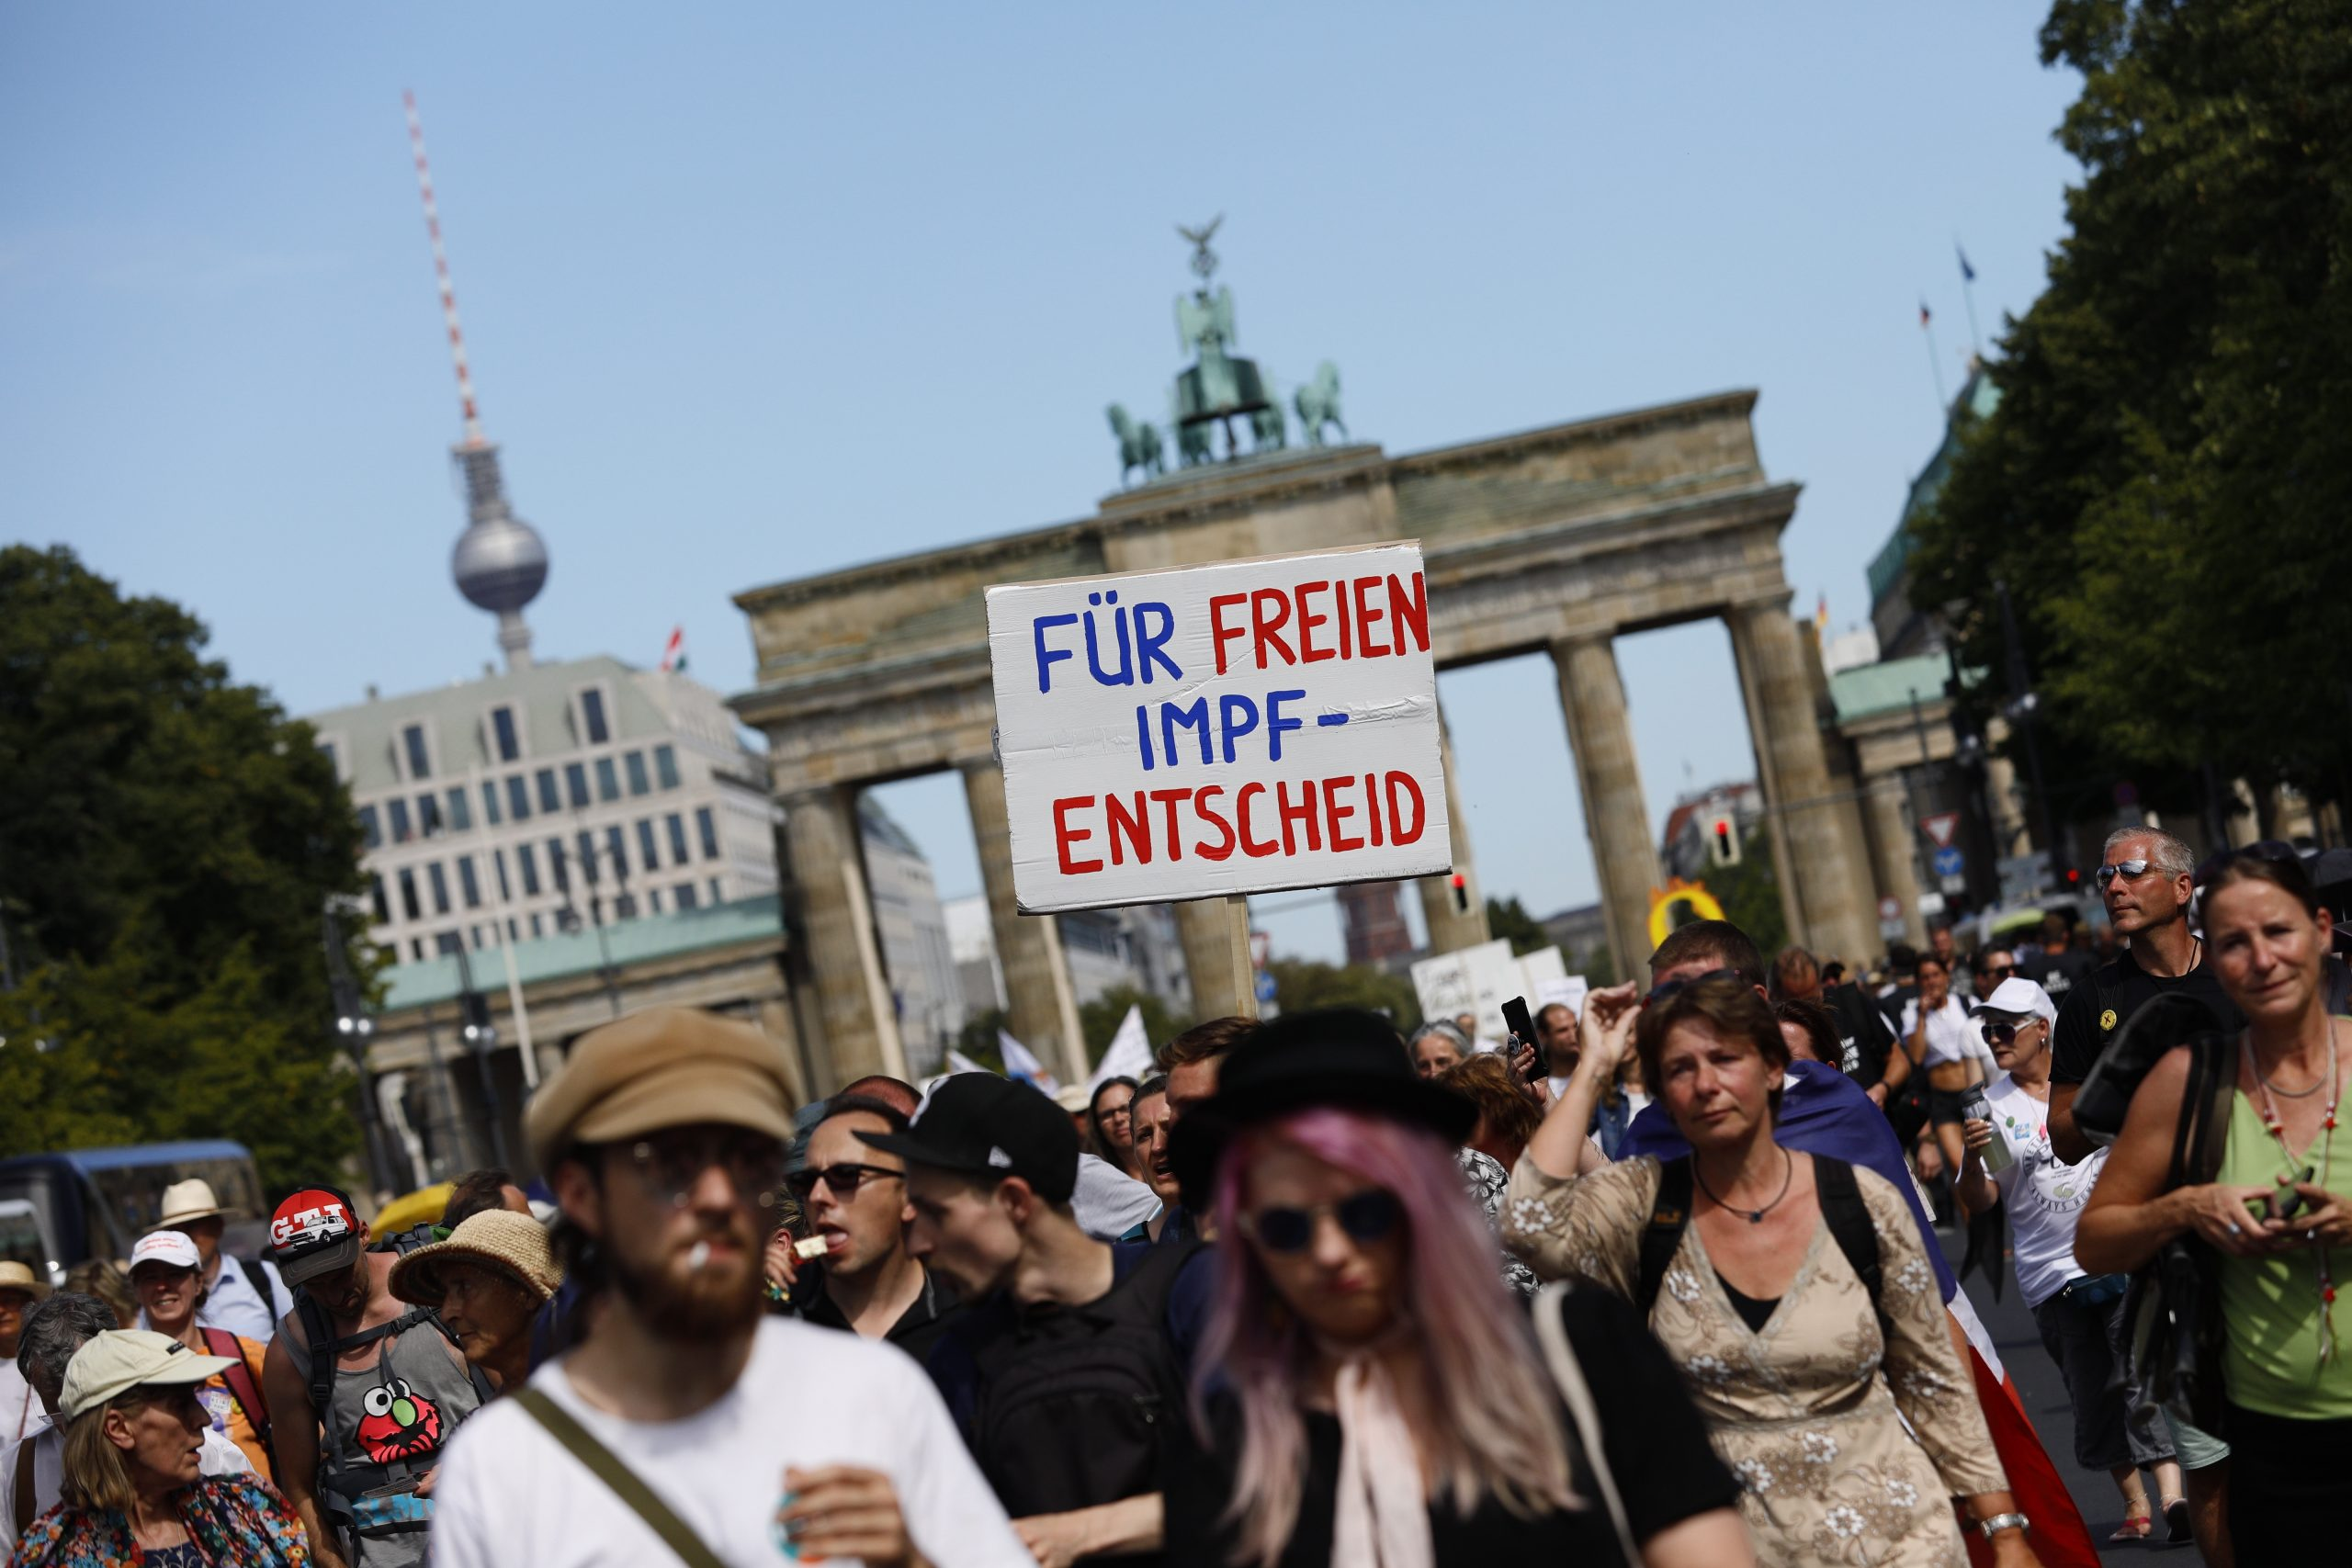 Marcha negacionista en Berlín proclama el fin de la pandemia en pleno repunte. Foto de EFE/EPA/FELIPE TRUEBA.